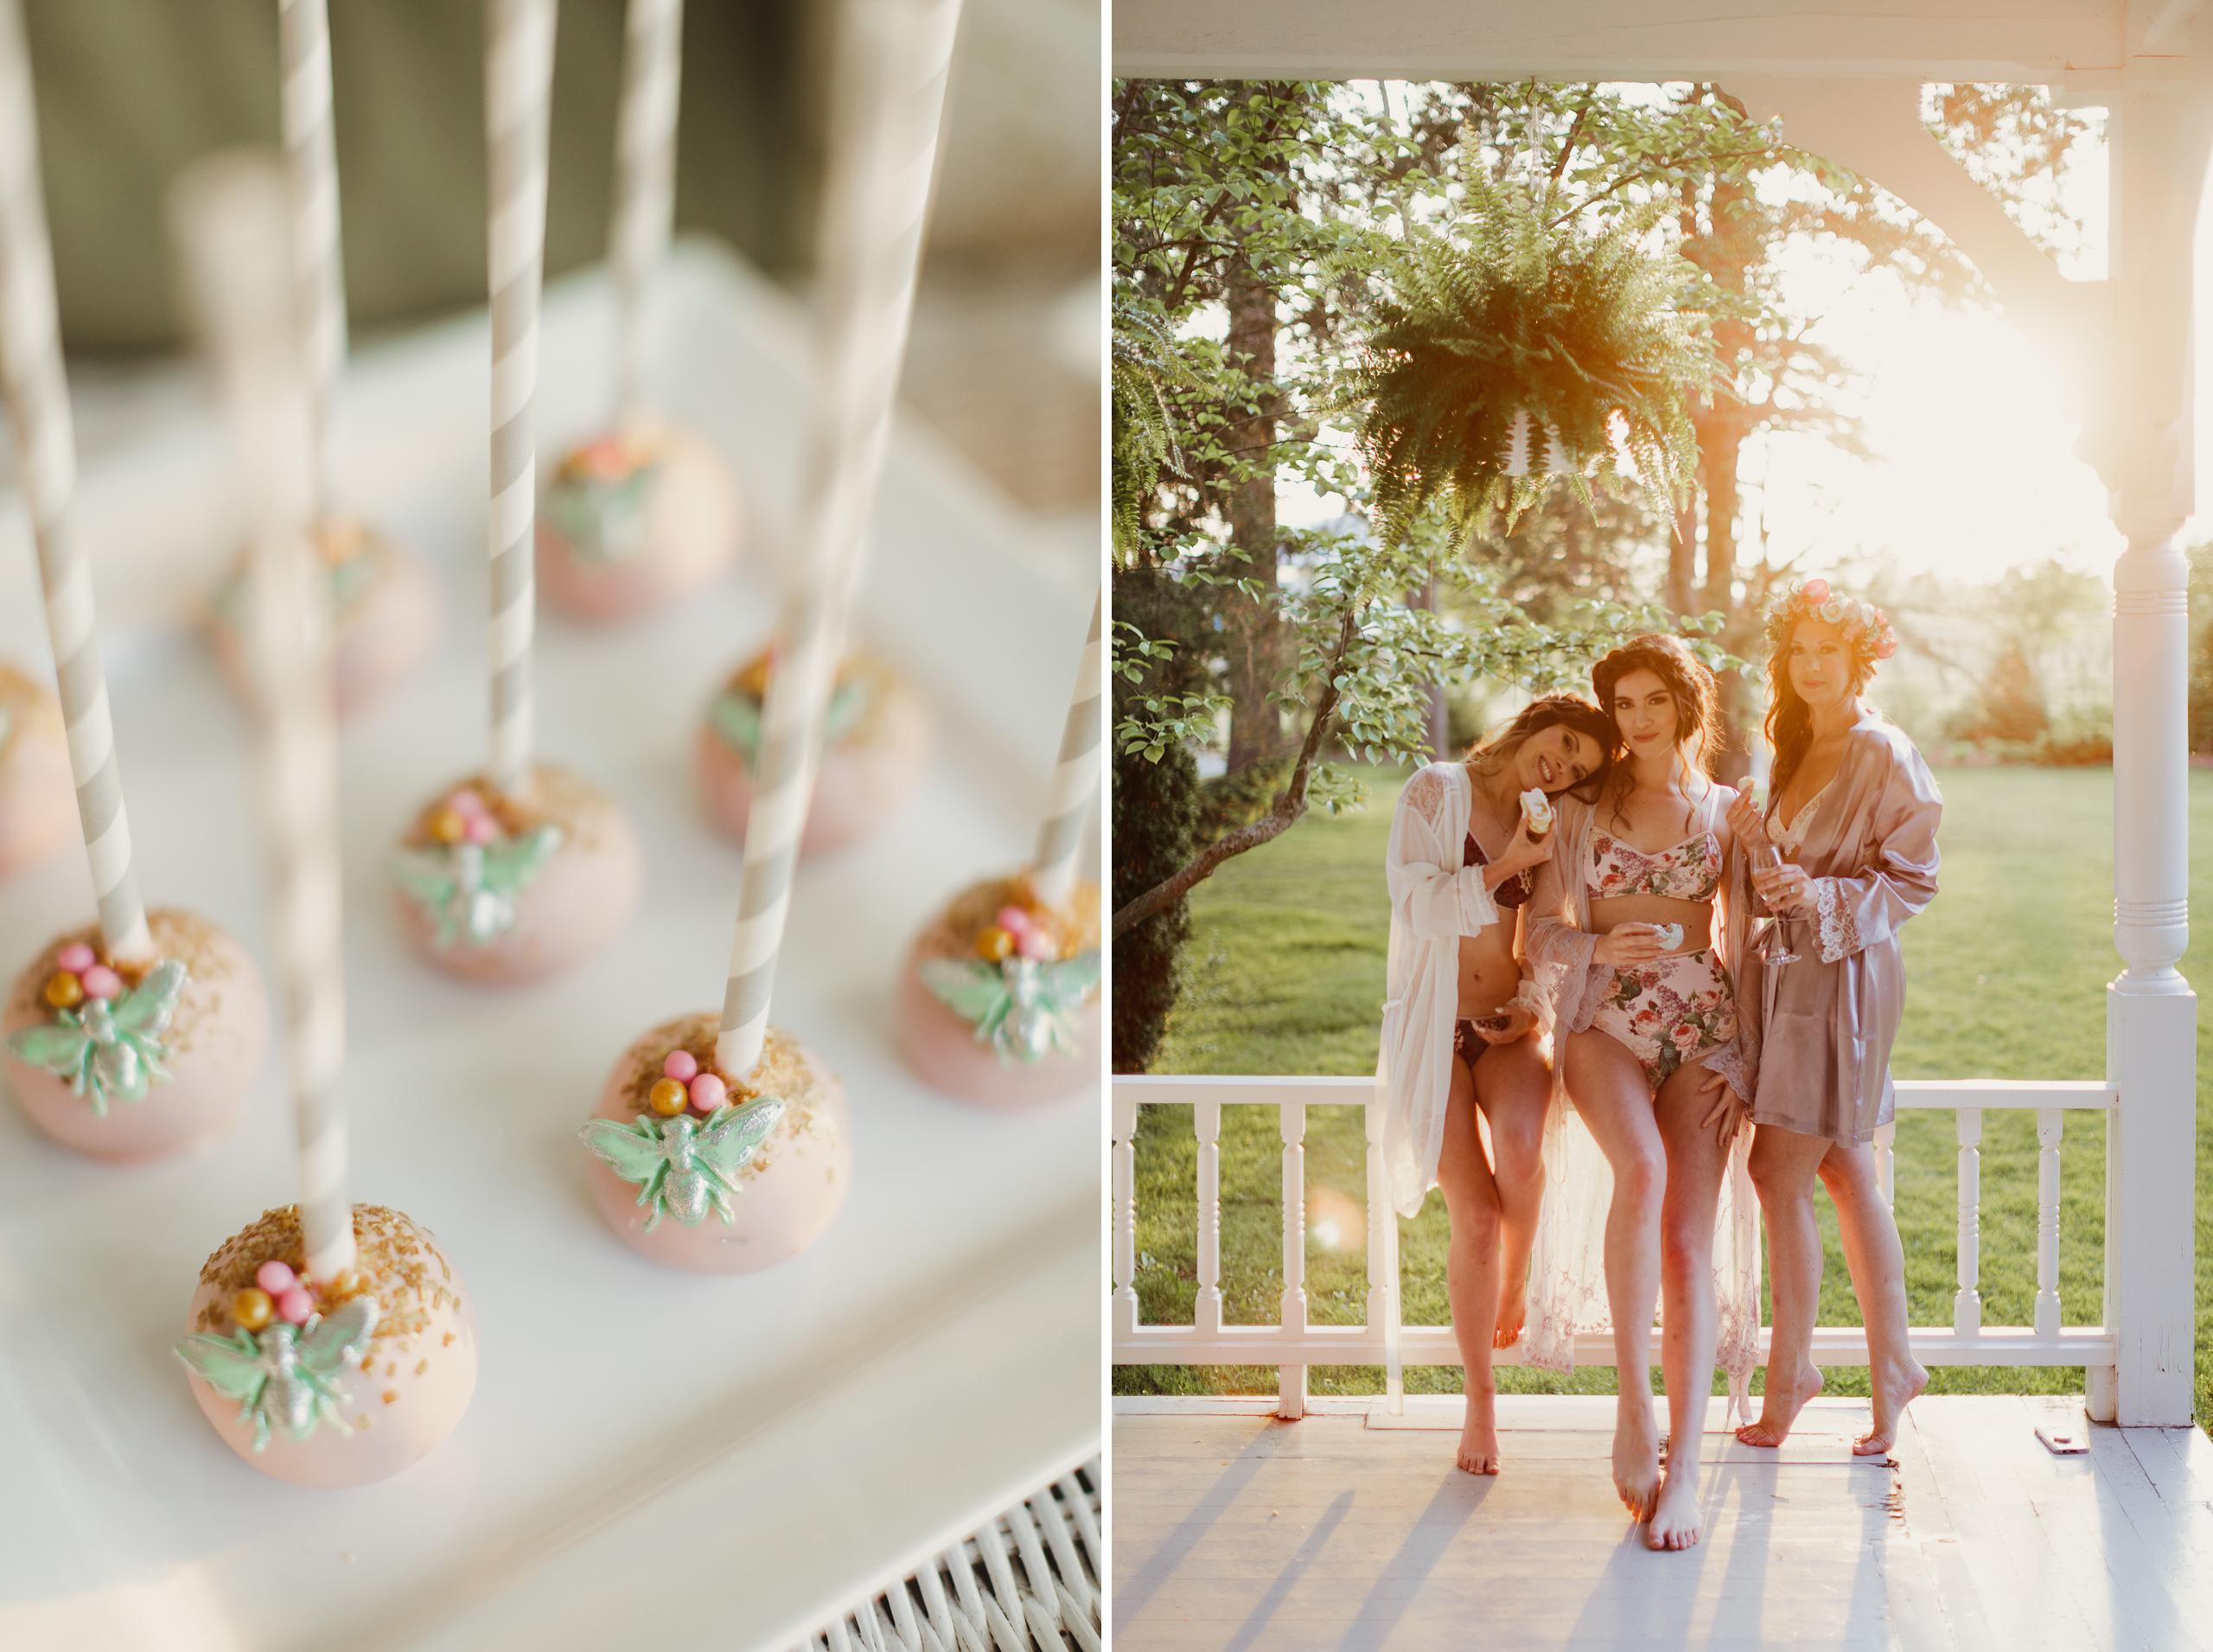 niagara spring boudoir group bridesmaids getaway afterglow photographer